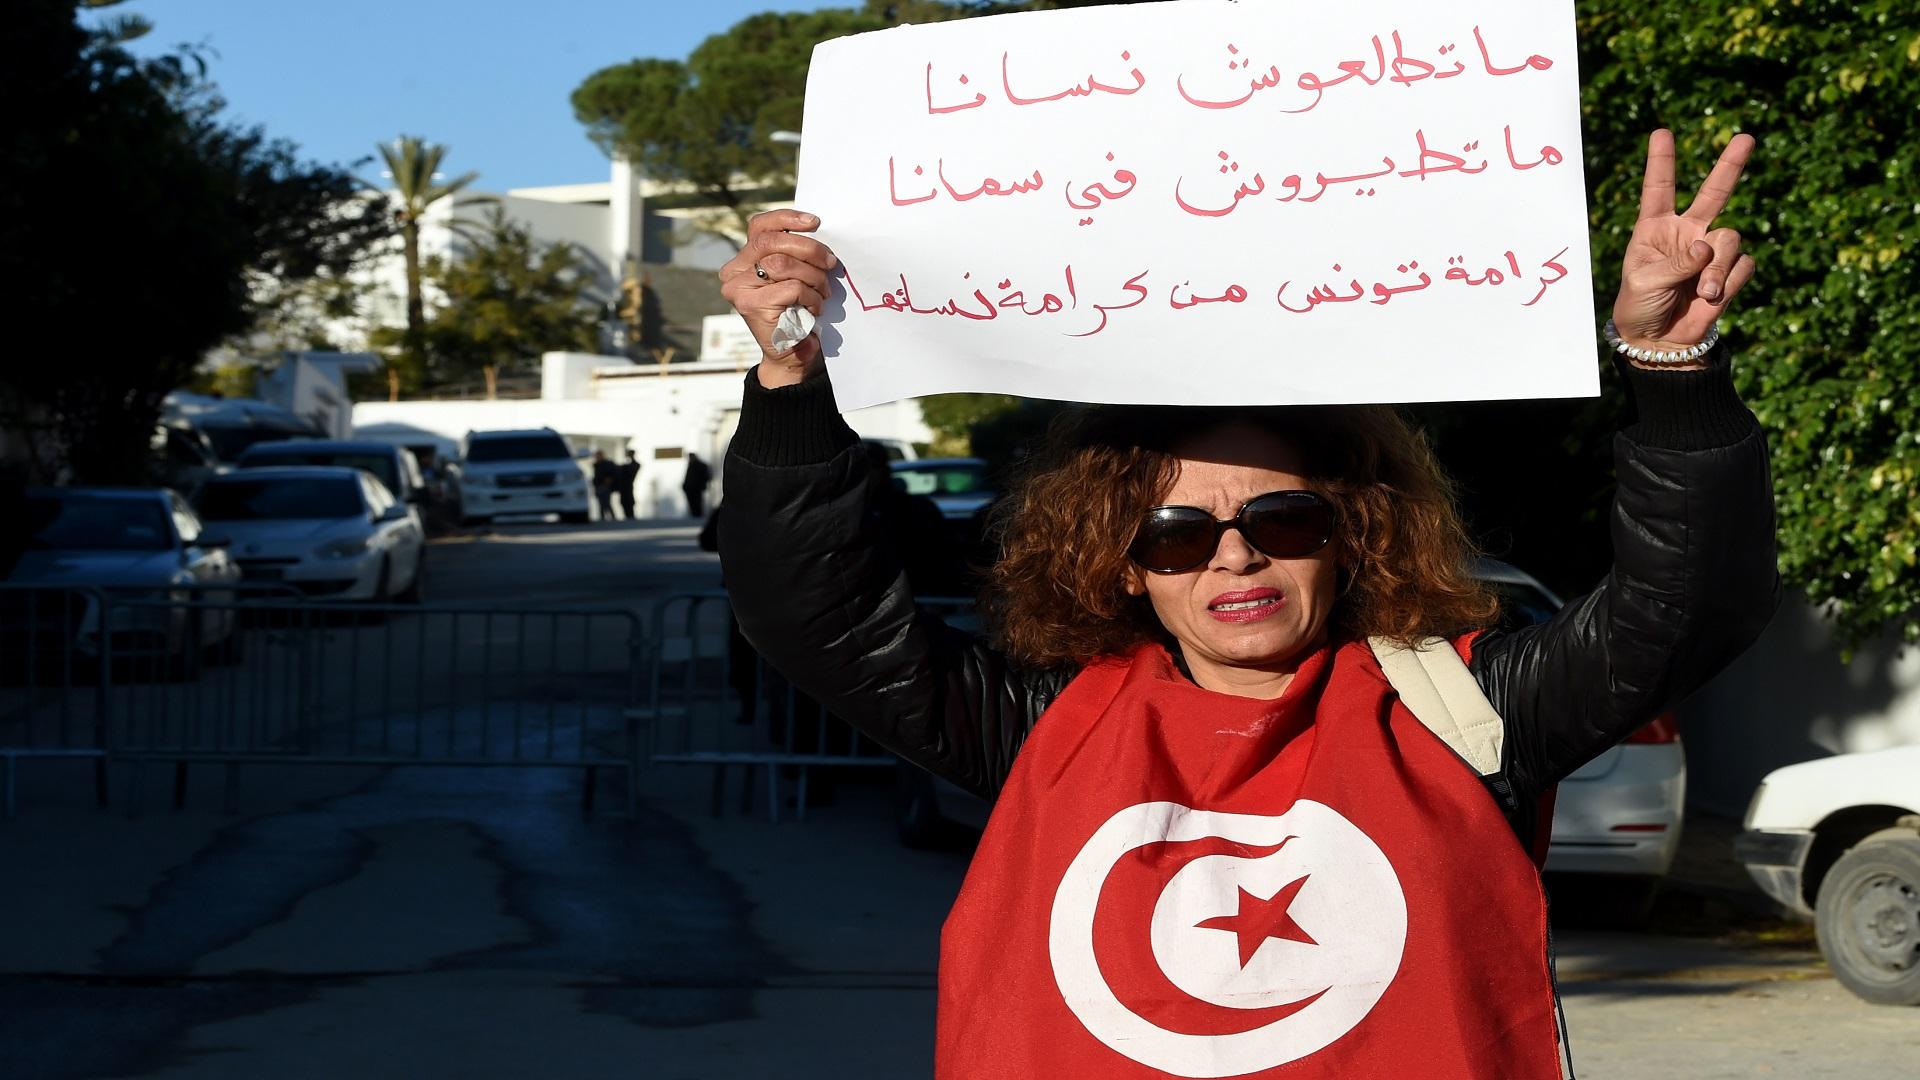 مدير عام المصالح المختصة وراء إنهاء الأزمة بين تونس والإمارات